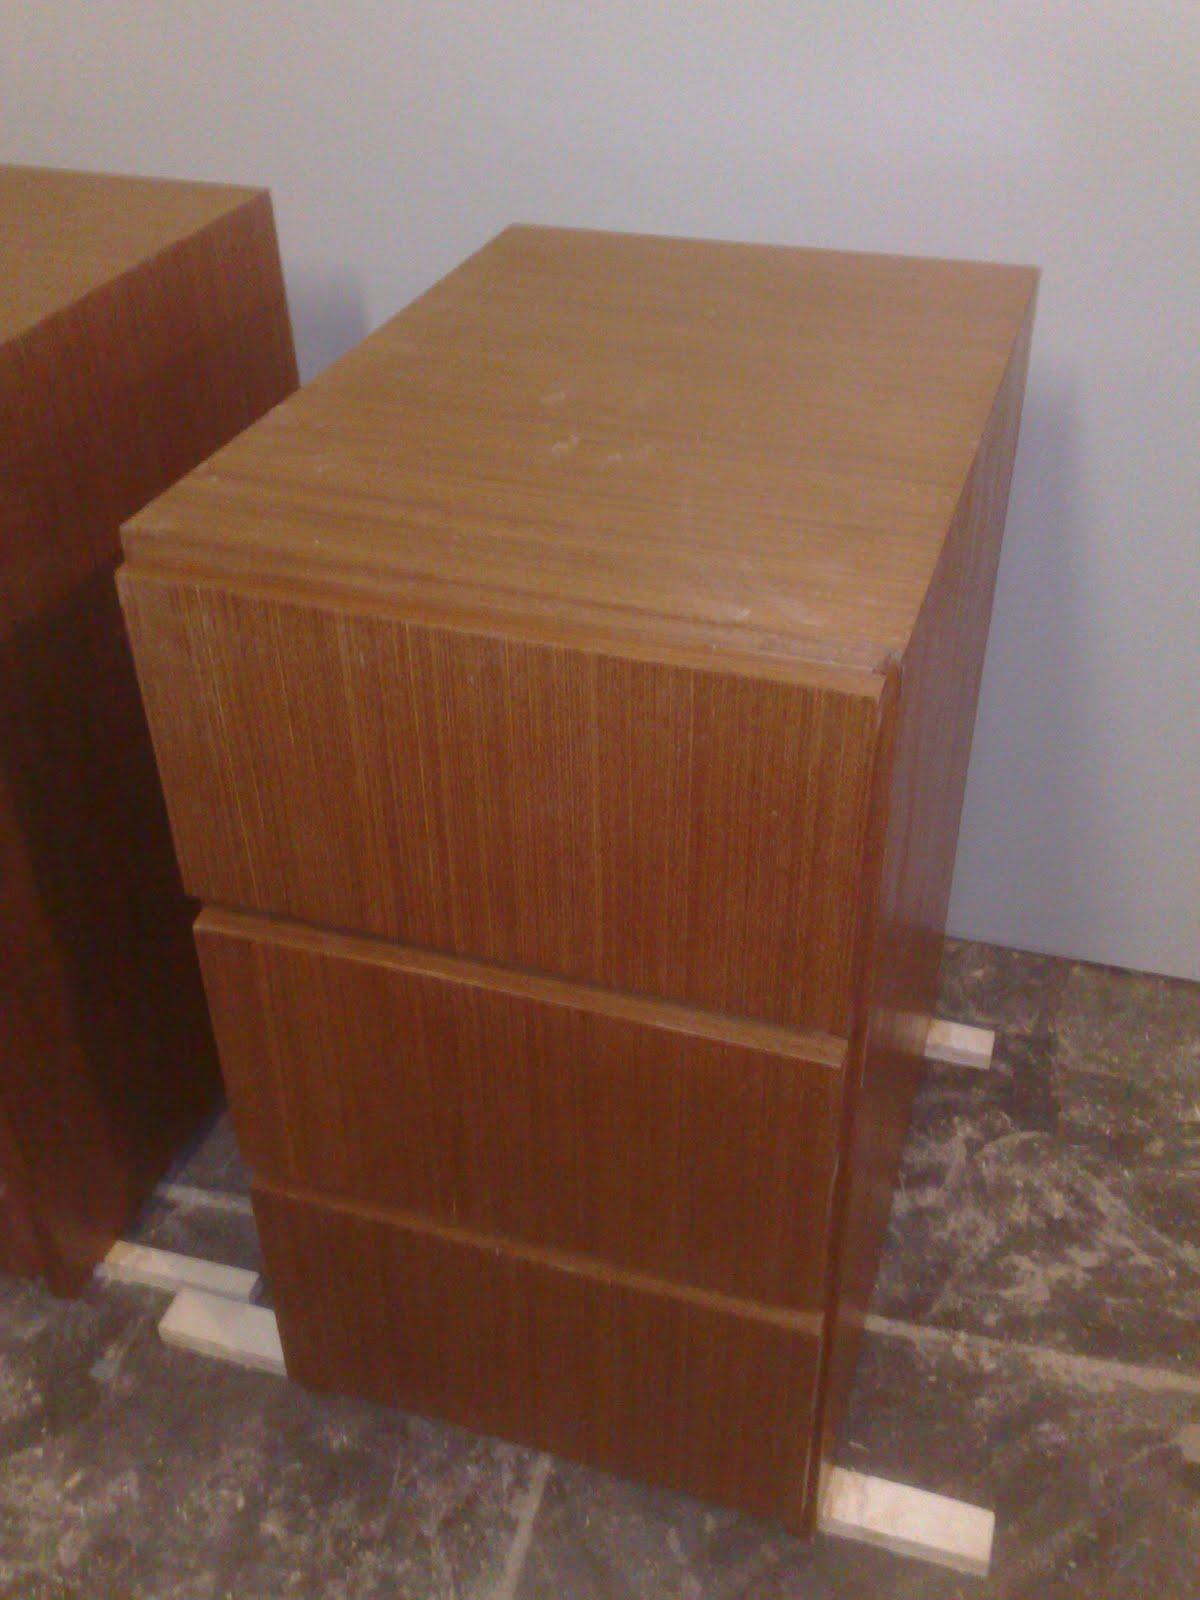 fabricado em 100% Compensado revestido com folha de madeira cor mogno #432518 1200x1600